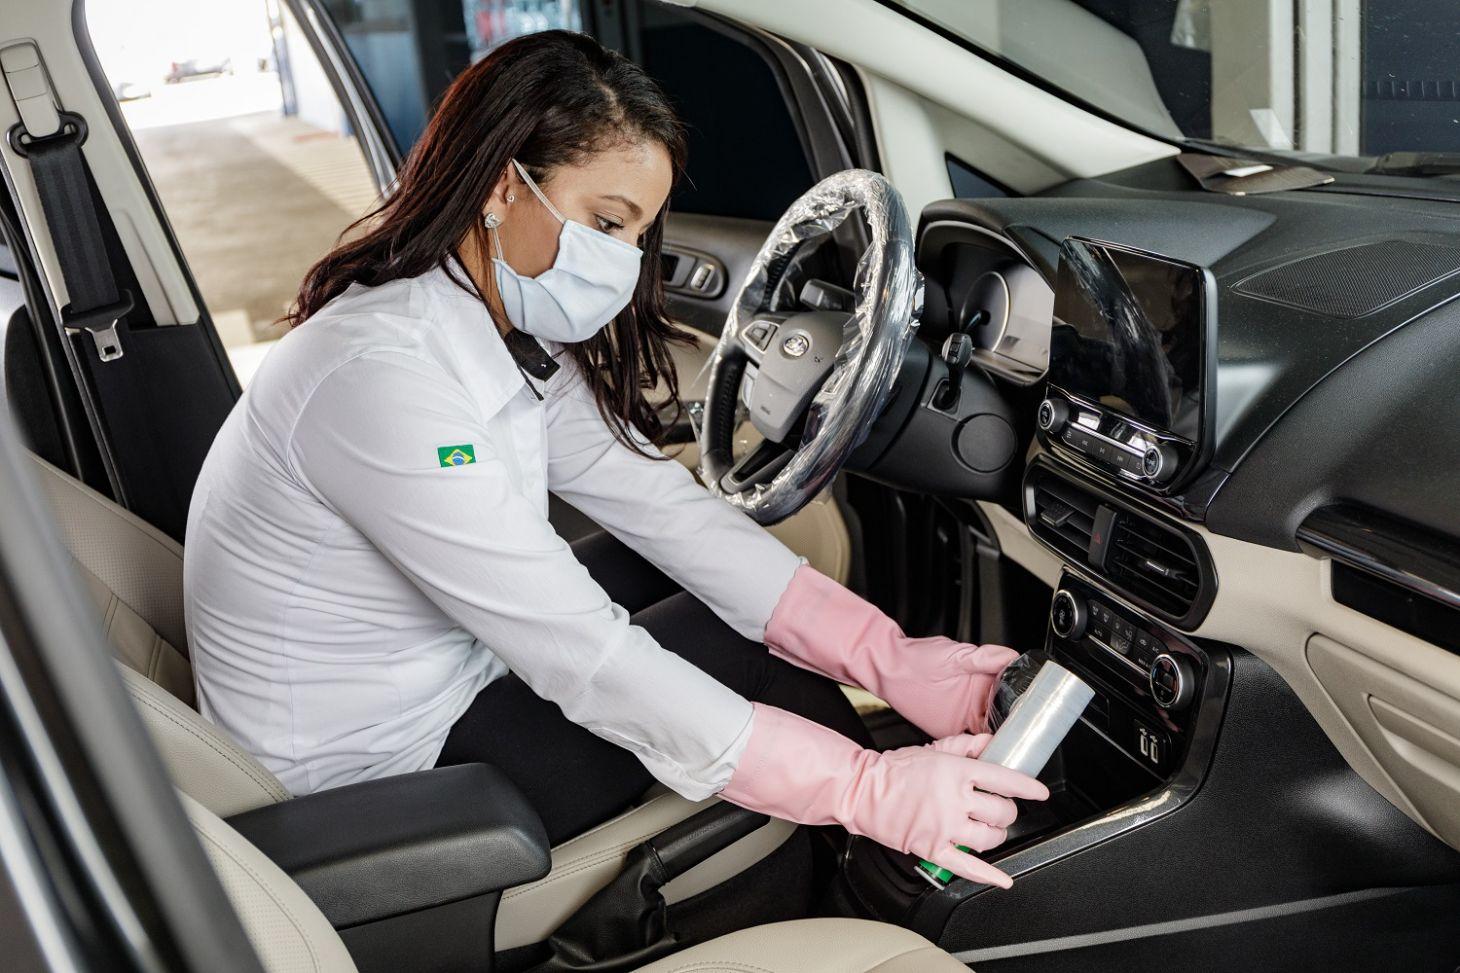 mulher de blusa social branca luvas rosa e mascara protege volante e cambio de carro ford